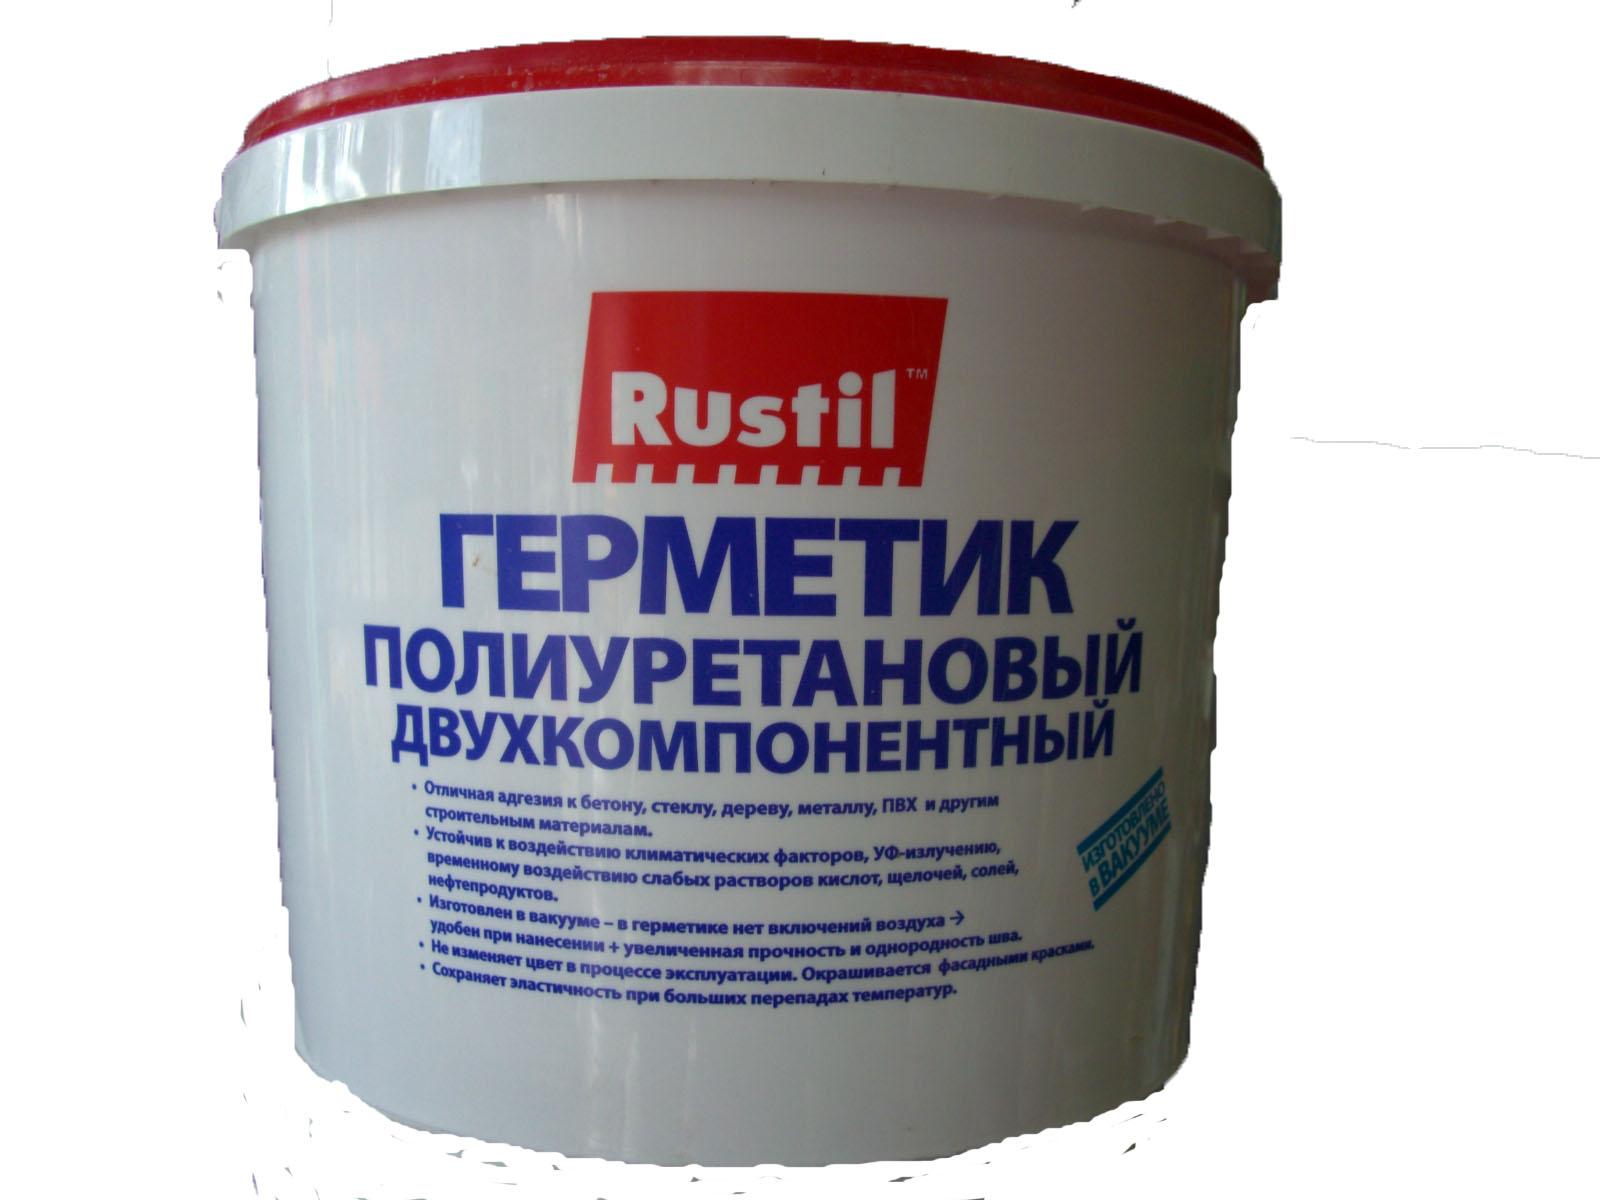 Профессиональные советы по выбору полиуретанового герметика